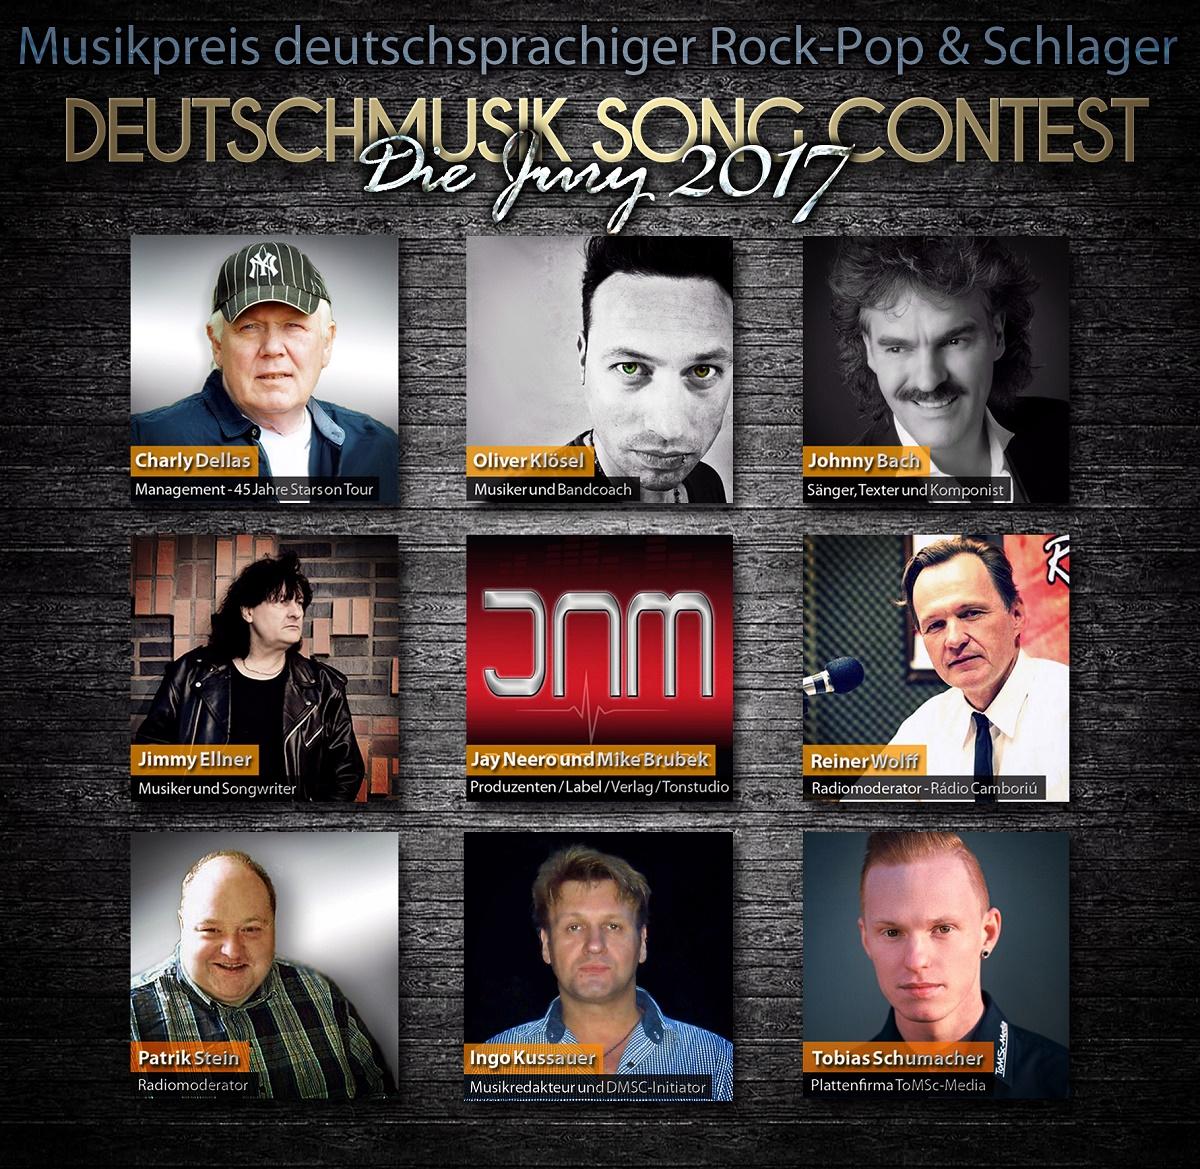 Deutschmusik Song Contest 2017: Die Jury beim Preis für deutsche Musik steht fest